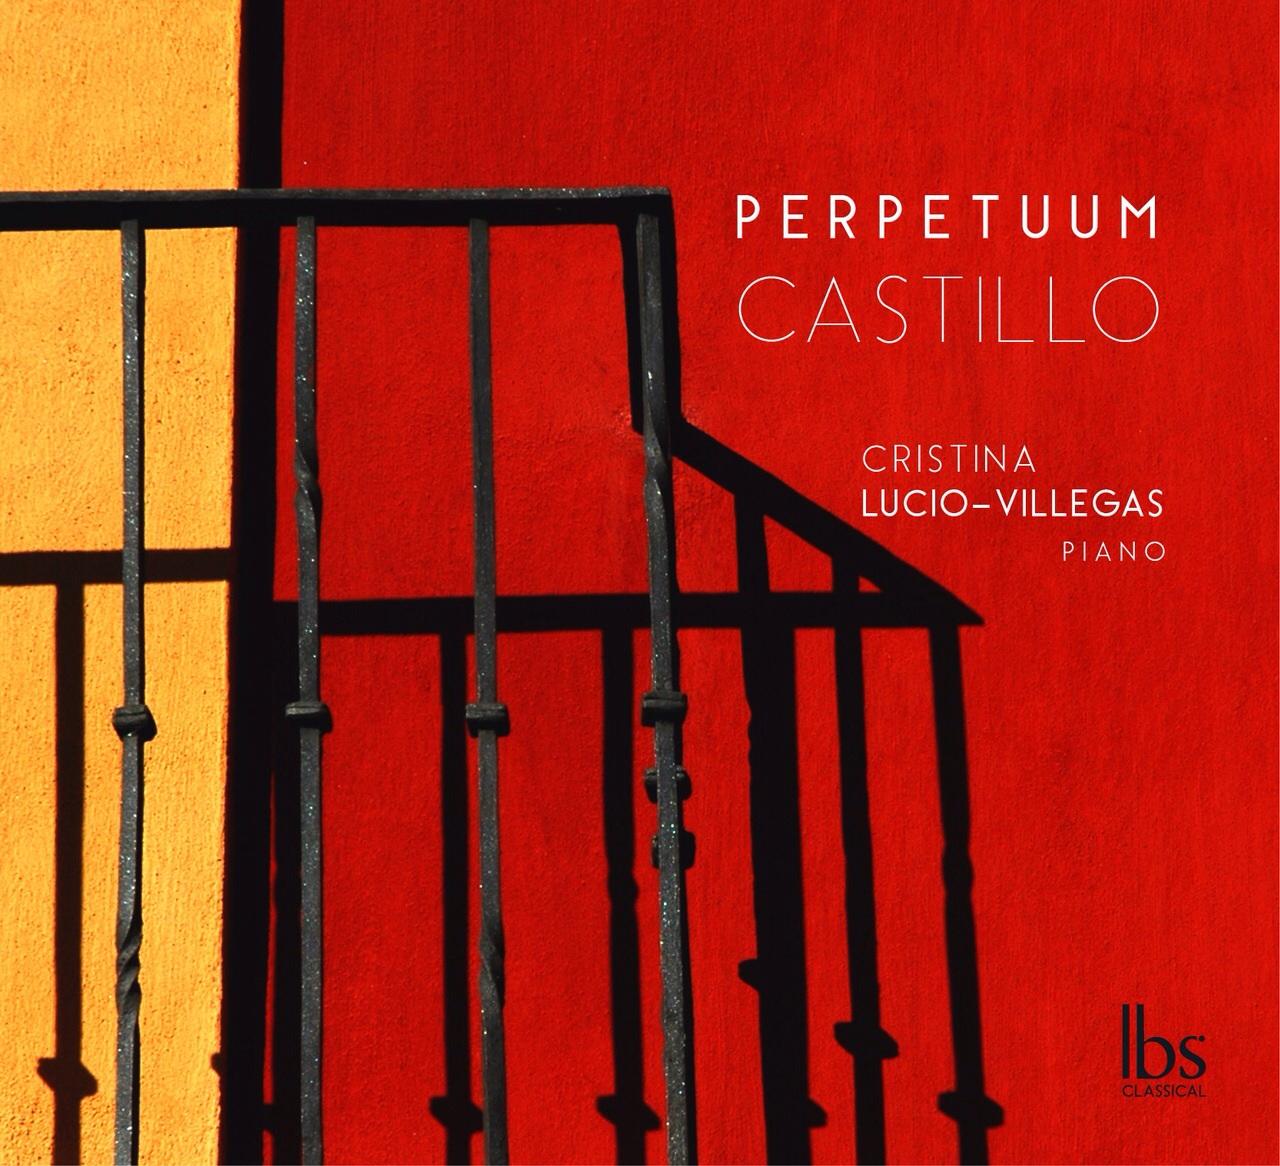 Portada CD Perpetuum Castillo